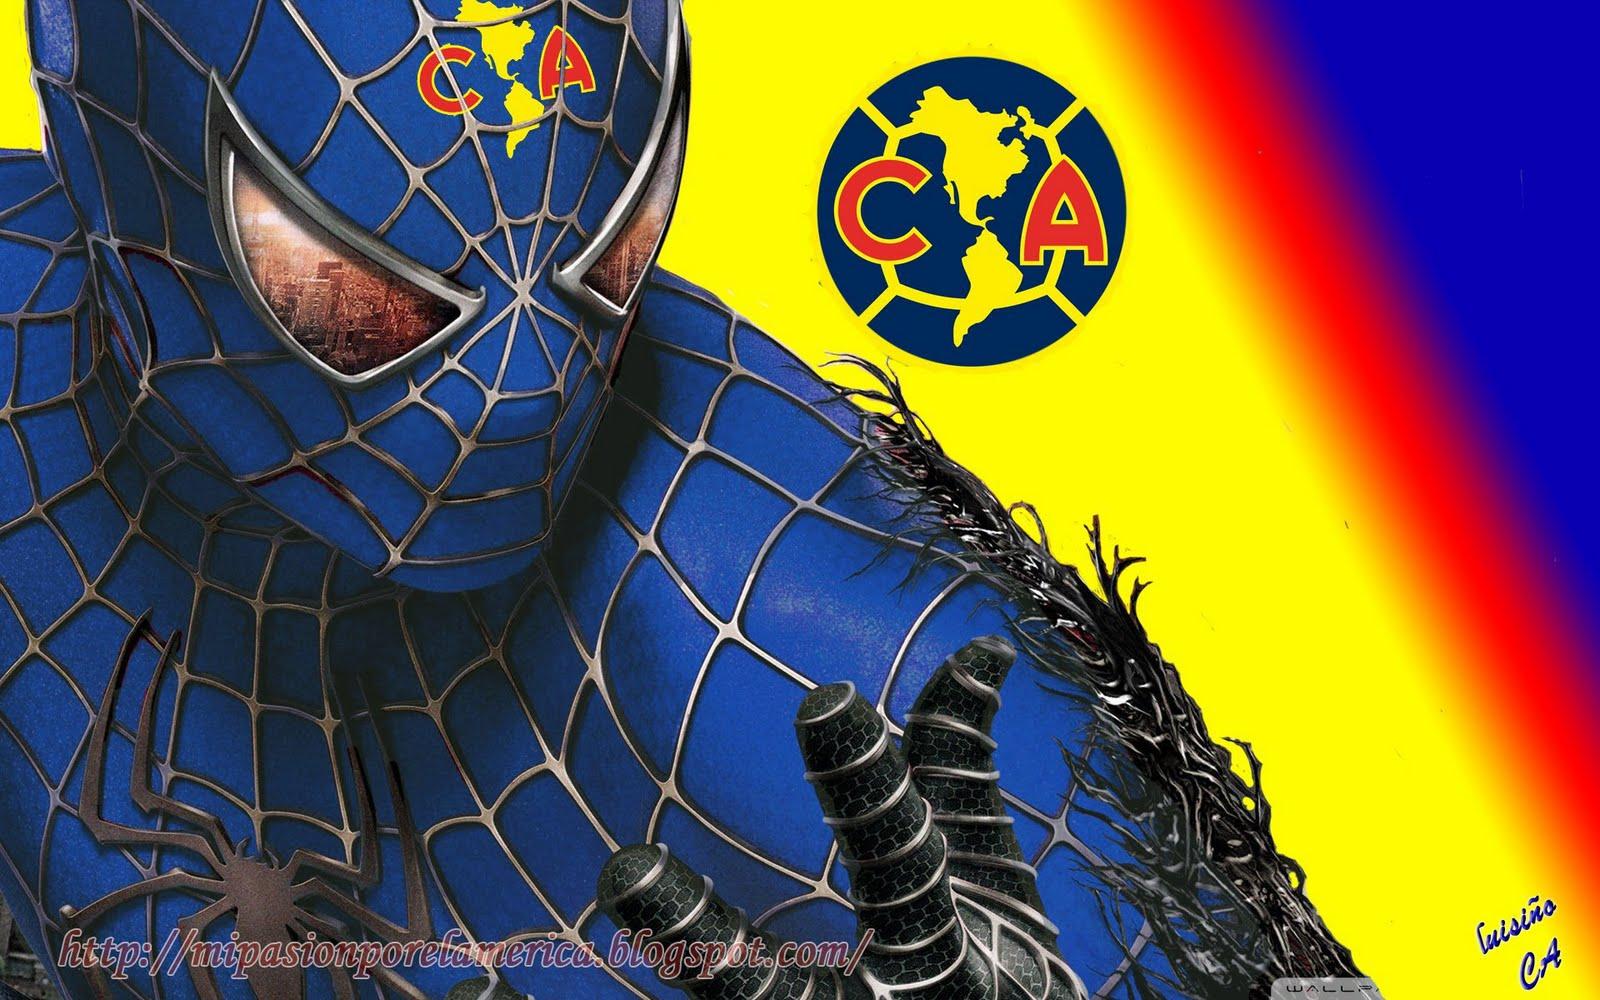 Mi Pasion Por el America: Wallpaper de Spiderman